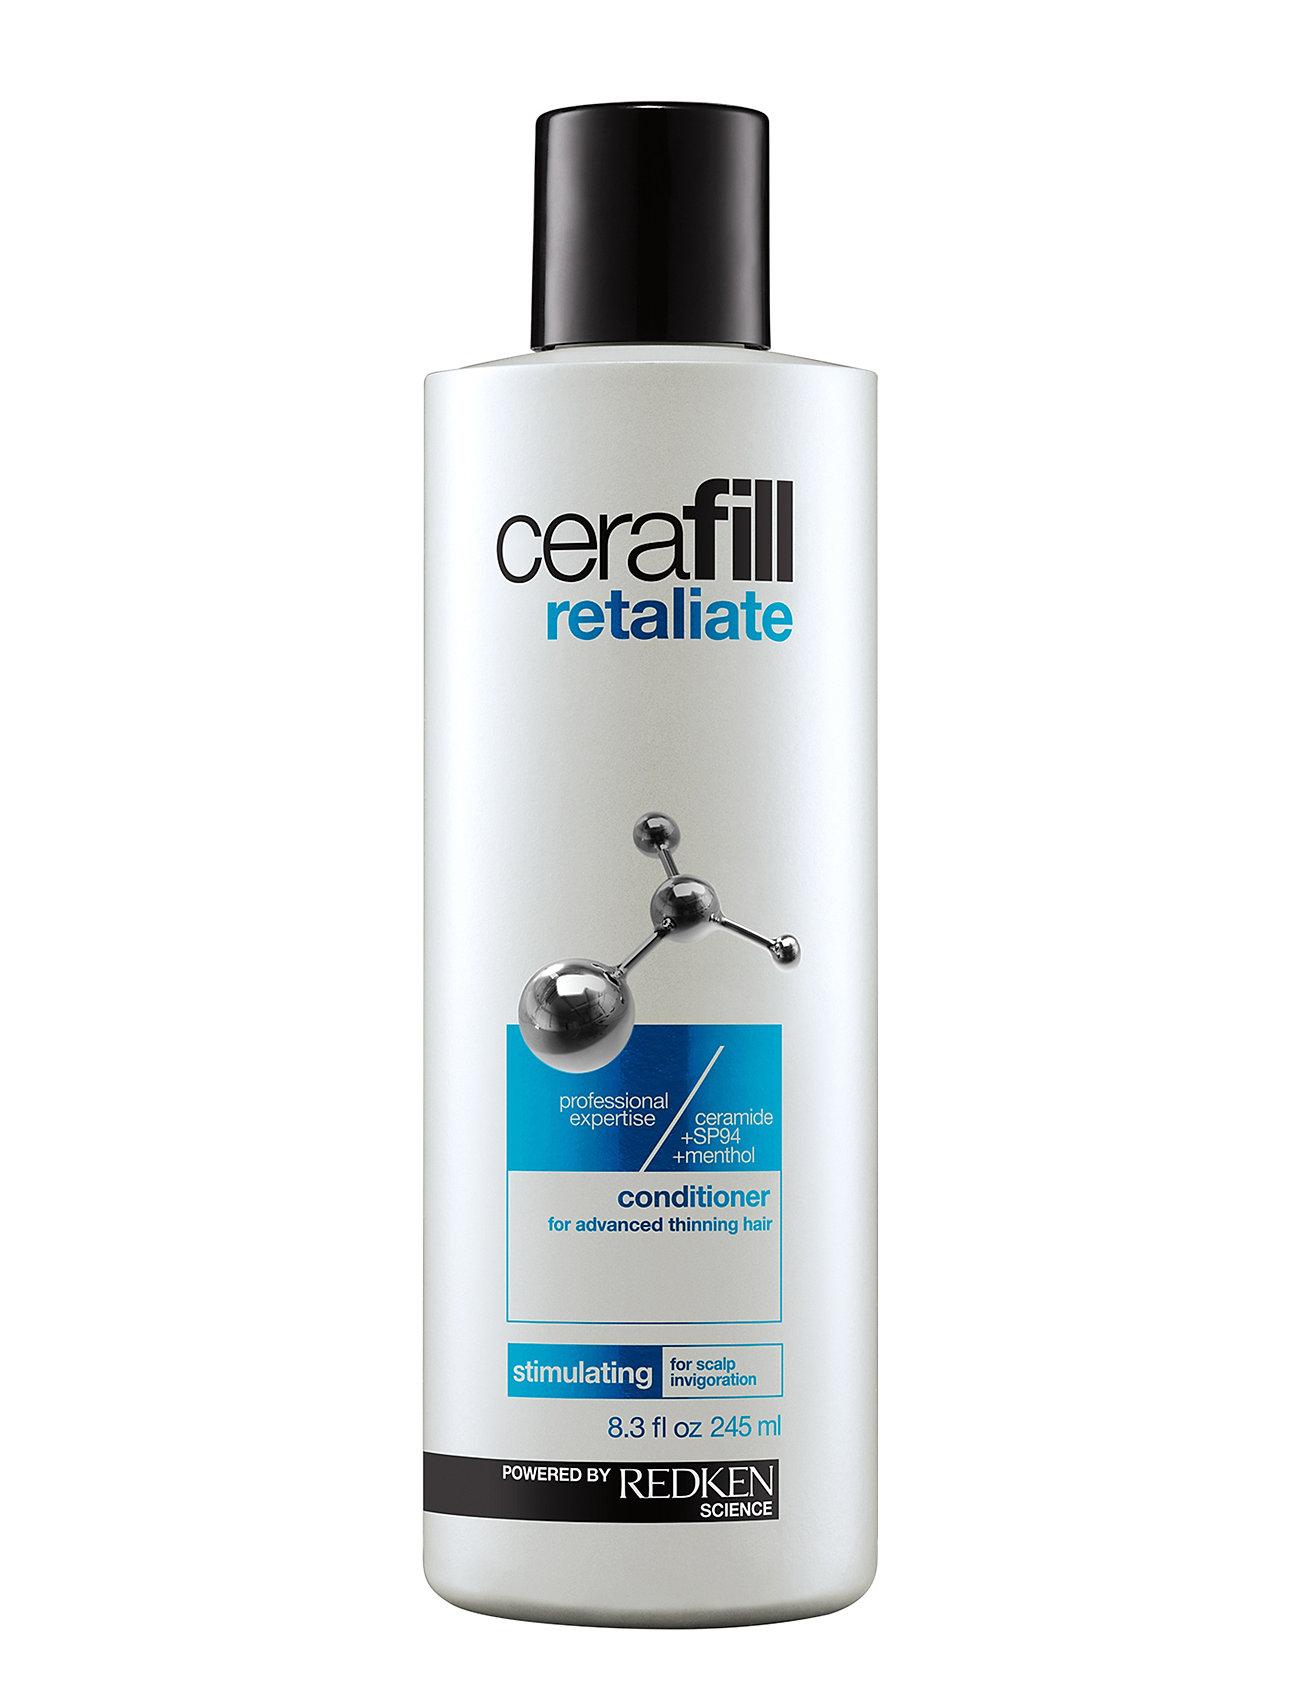 Redken Cerafill Retaliate Conditioner - CLEAR